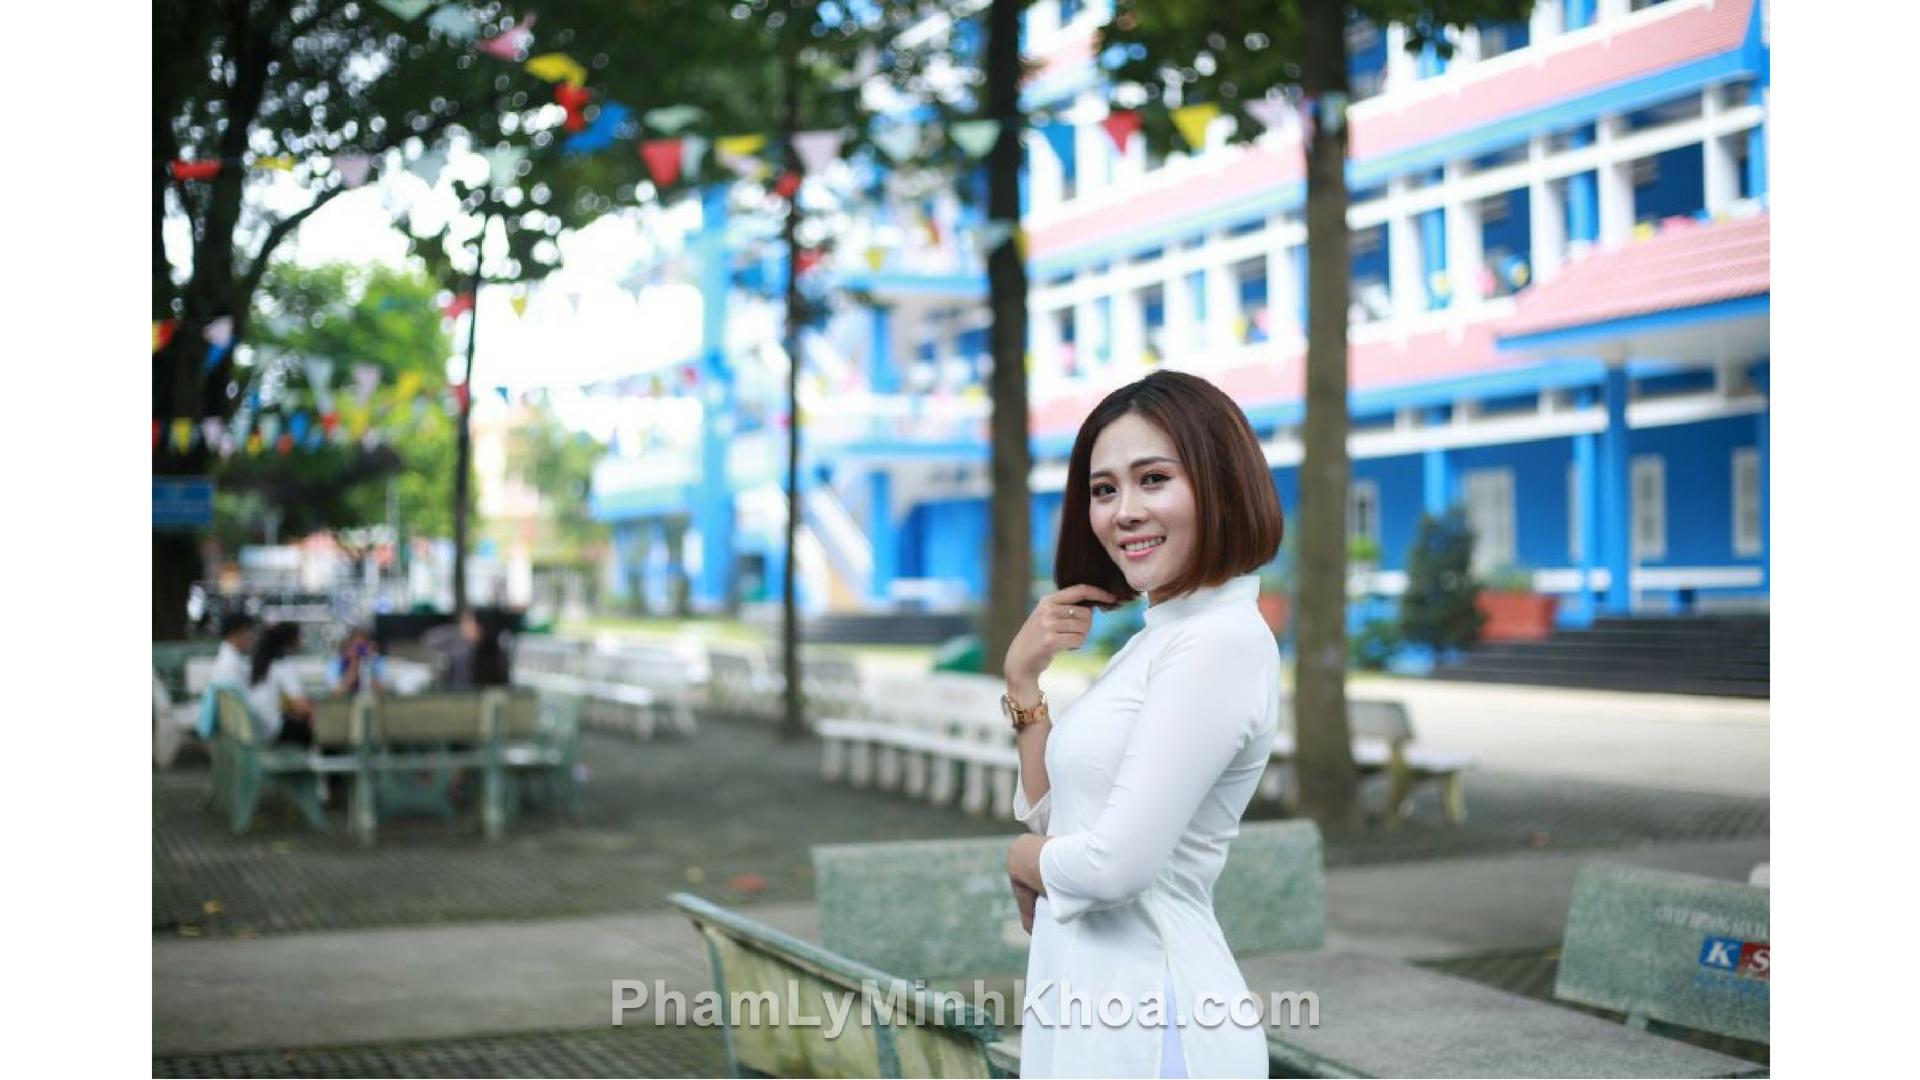 Phan Thị Thuỳ Nhung người bạn Phạm Lý Minh Khoa